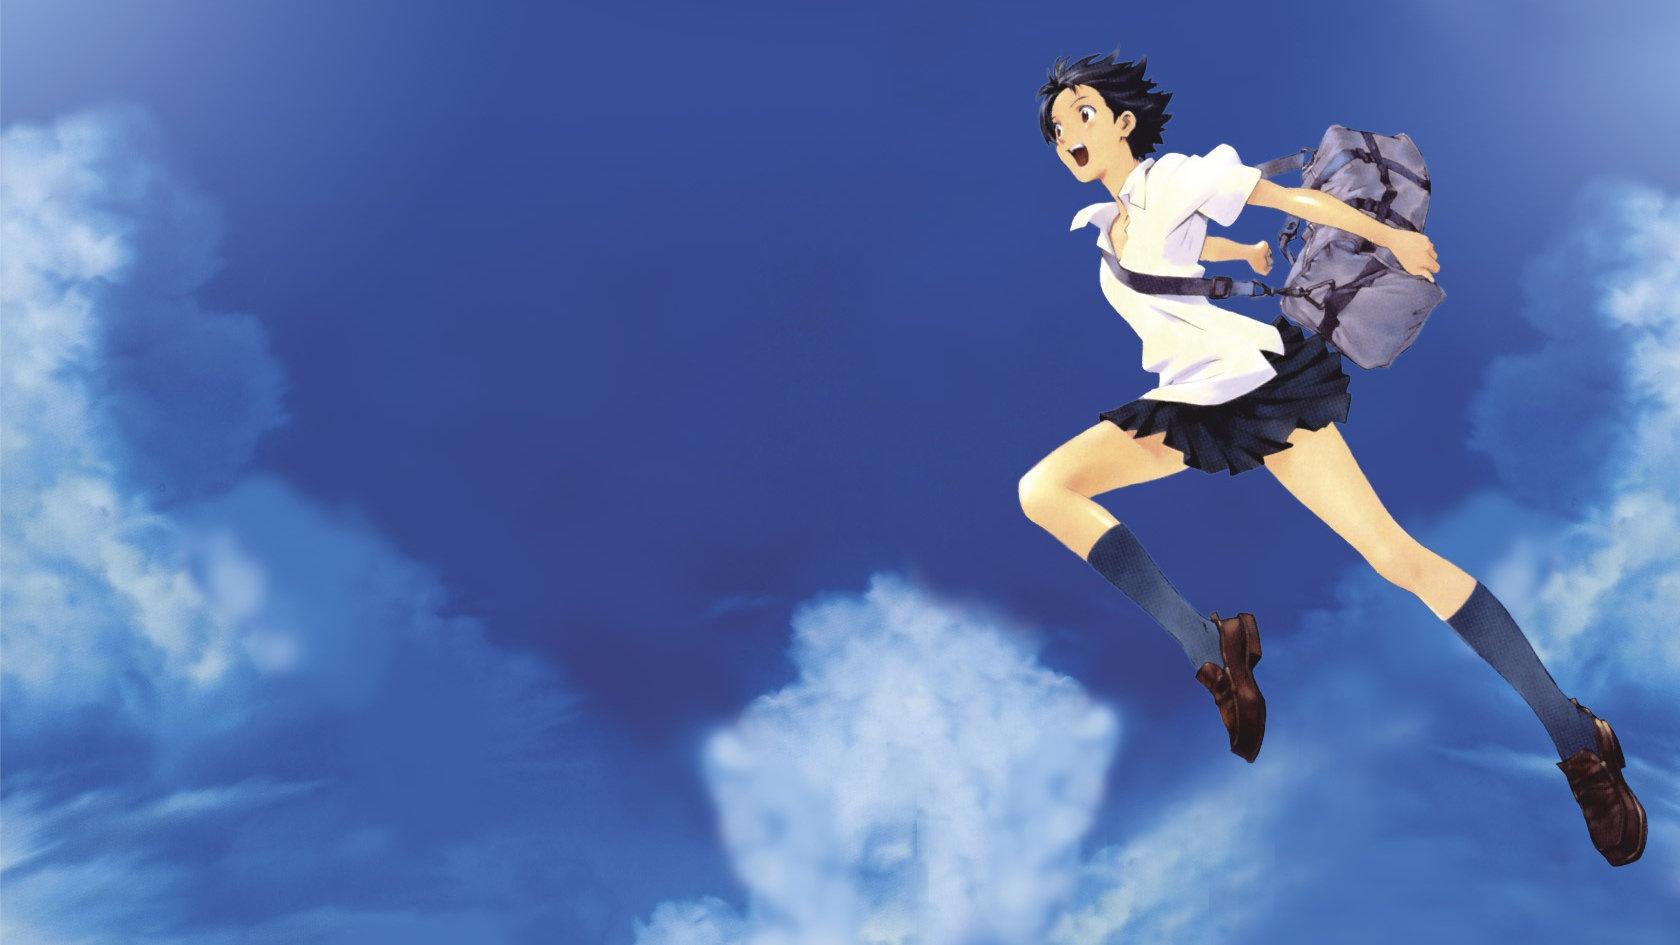 La chica que saltaba a través del tiempo Mamoru Hosoda cine familiar infantil Modiband